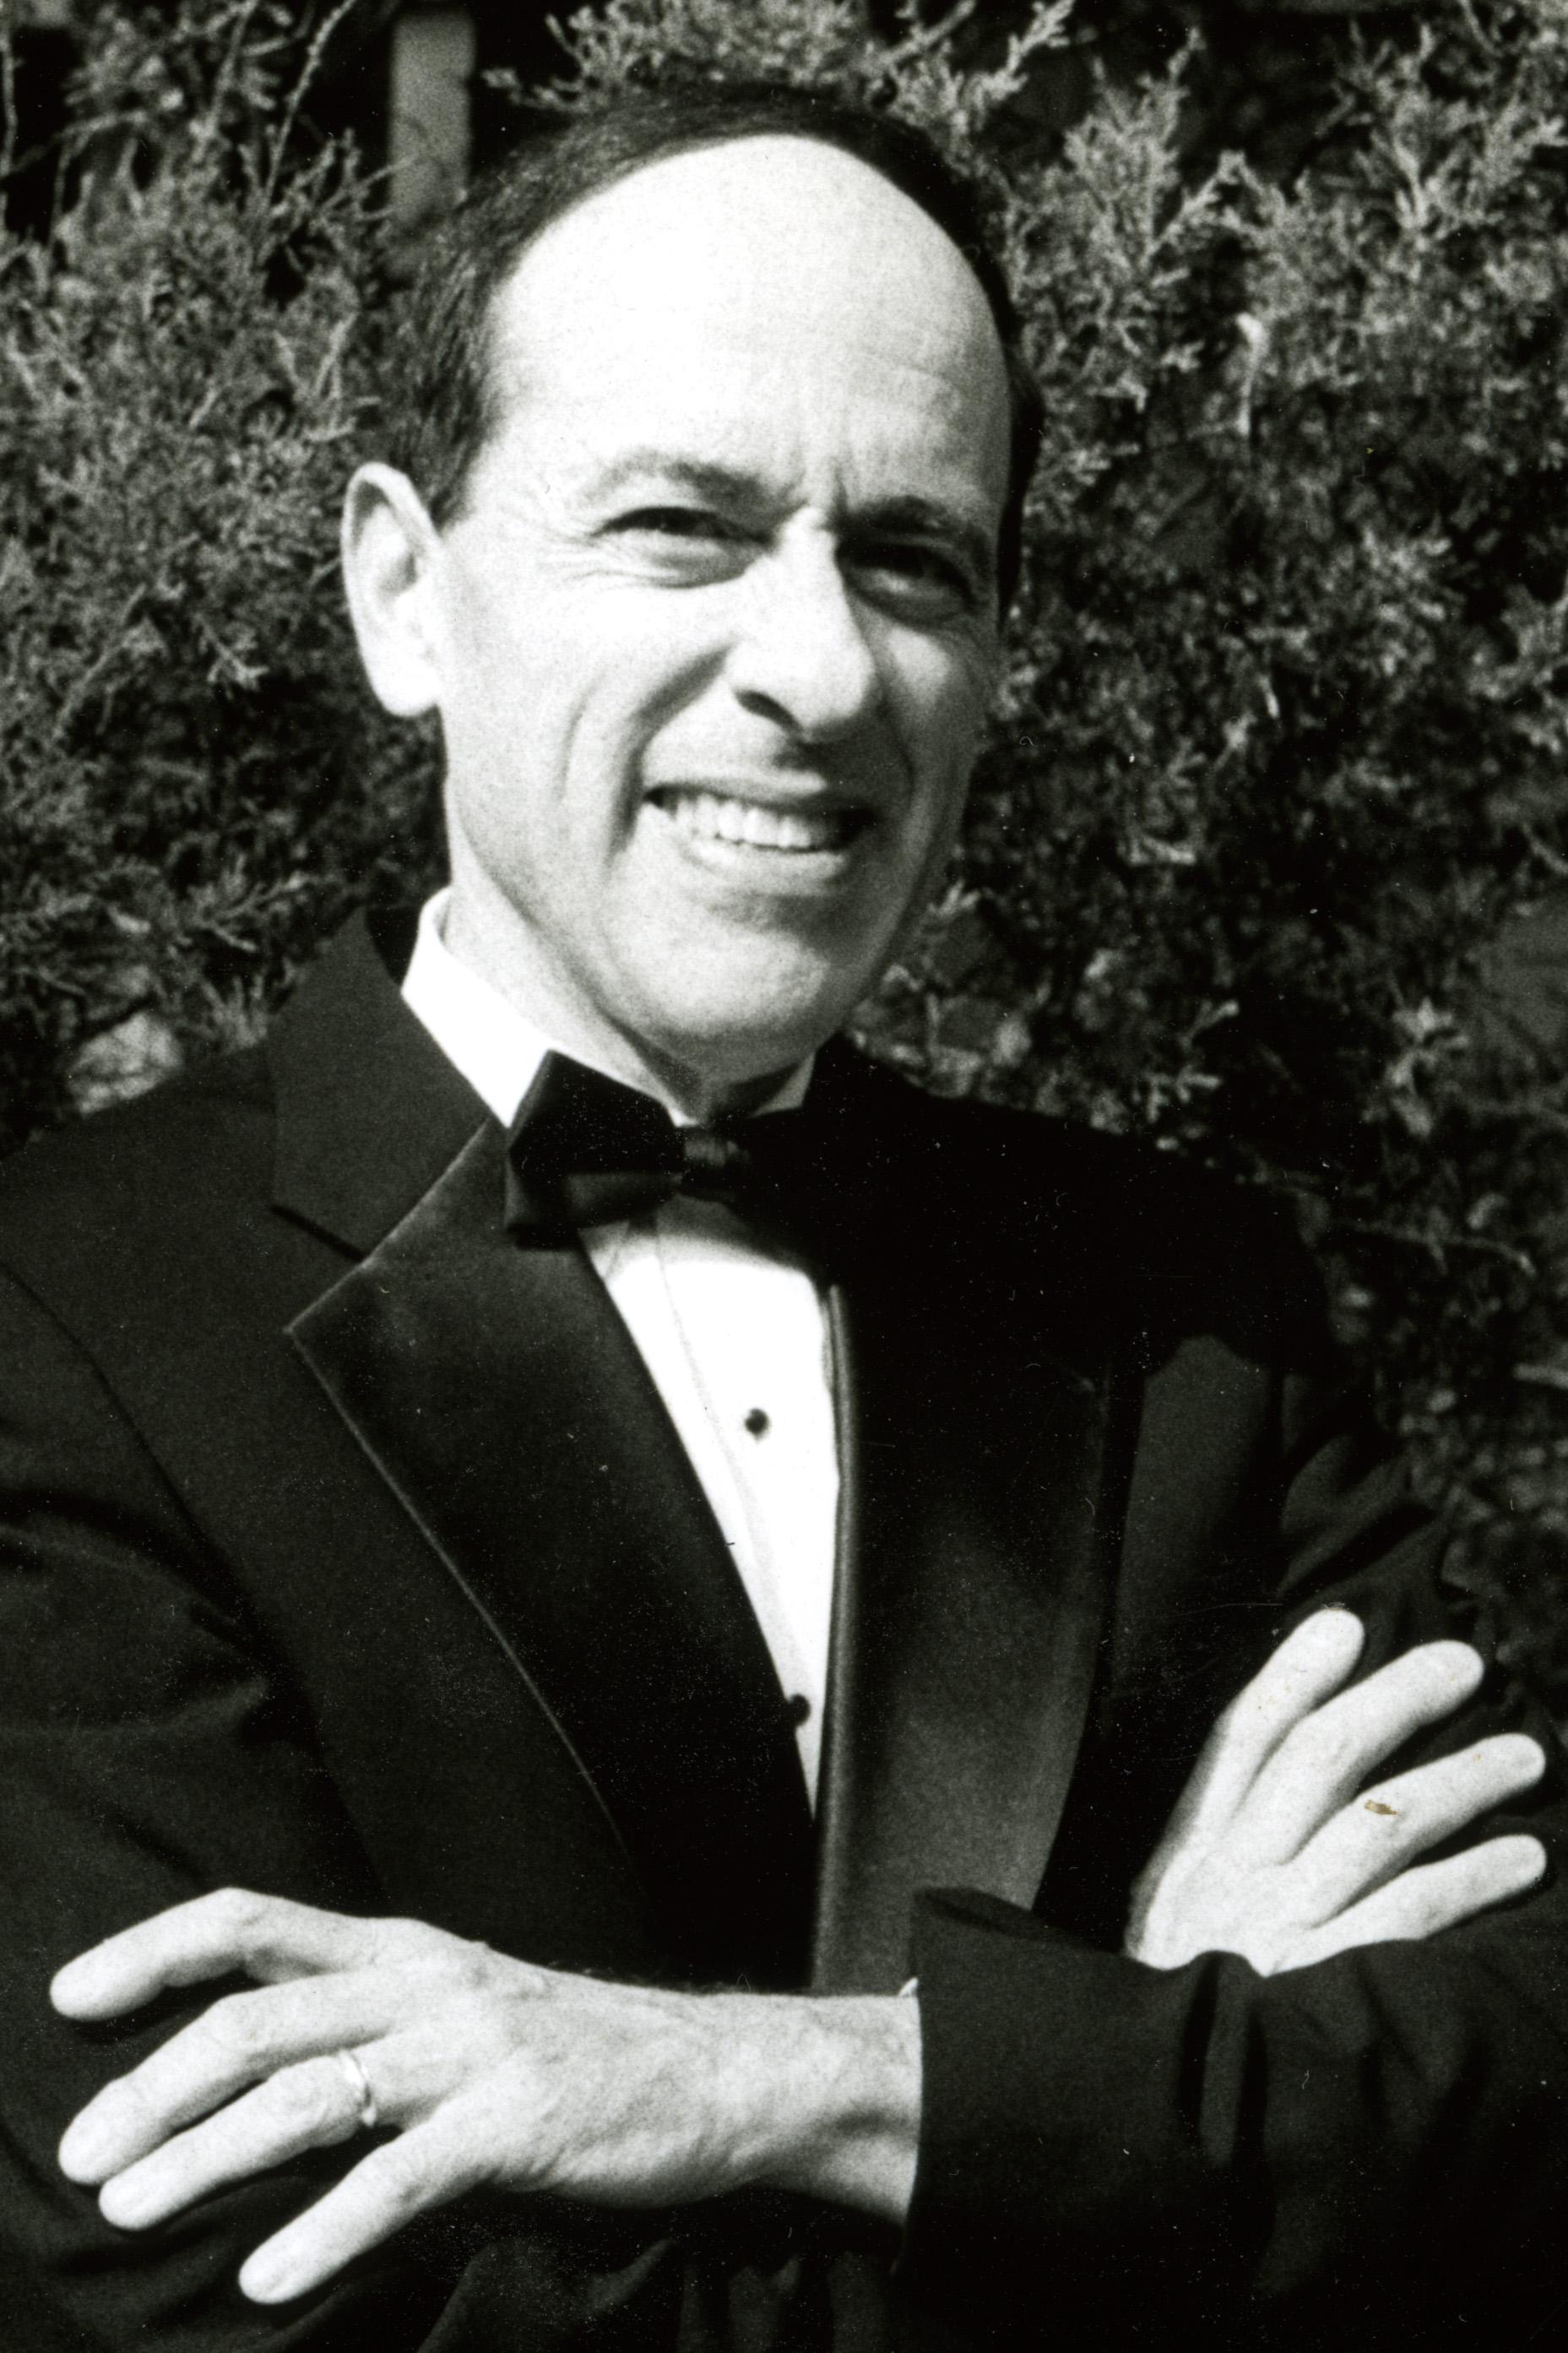 Joel Zelnik